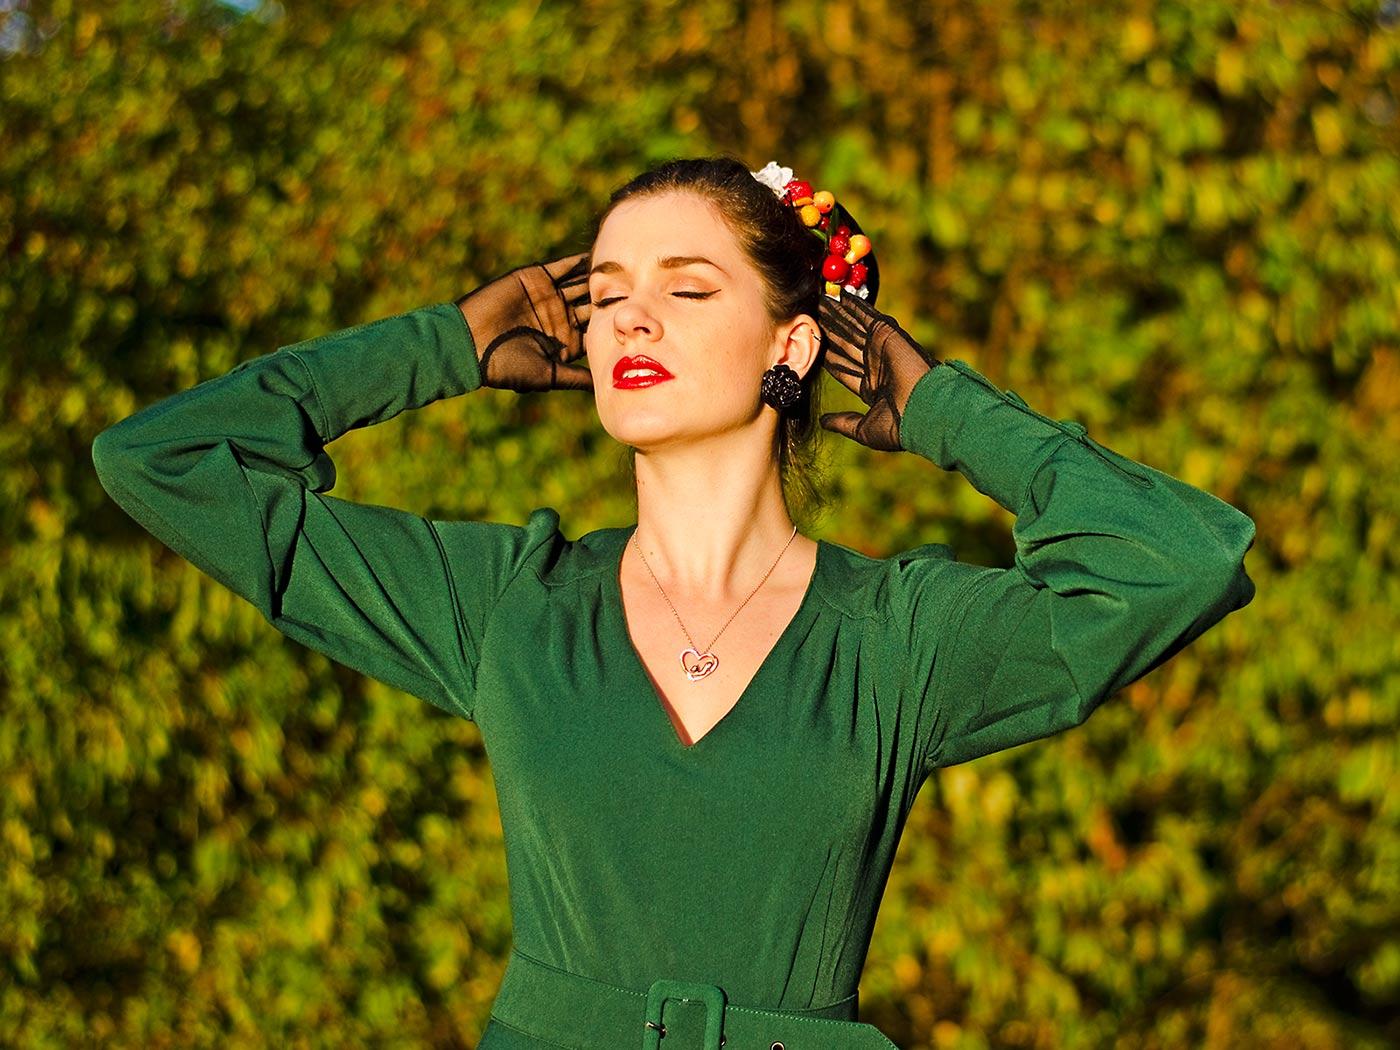 RetroCat mit dem veganen Eyeliner von Jane Iredale